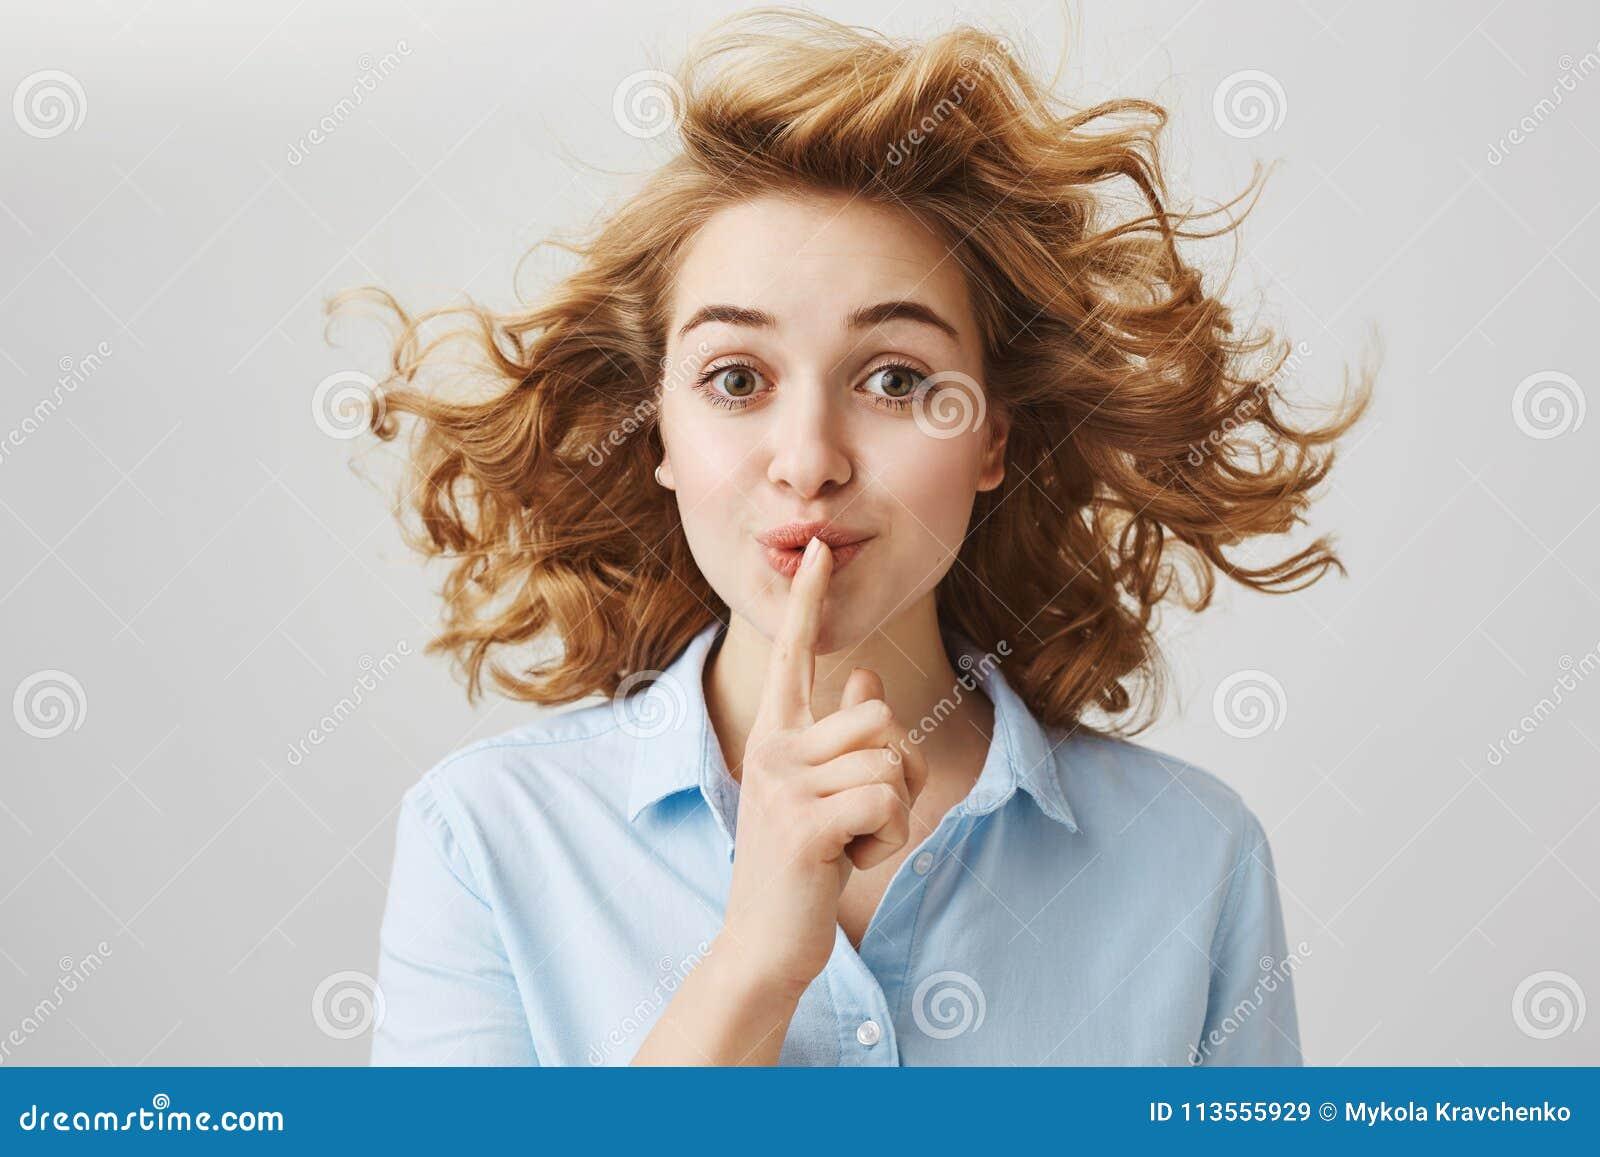 Не скажите любое о нашем маленьком секрете Женщина портрета привлекательная жизнерадостная с короткий курчавый говорить стрижки s